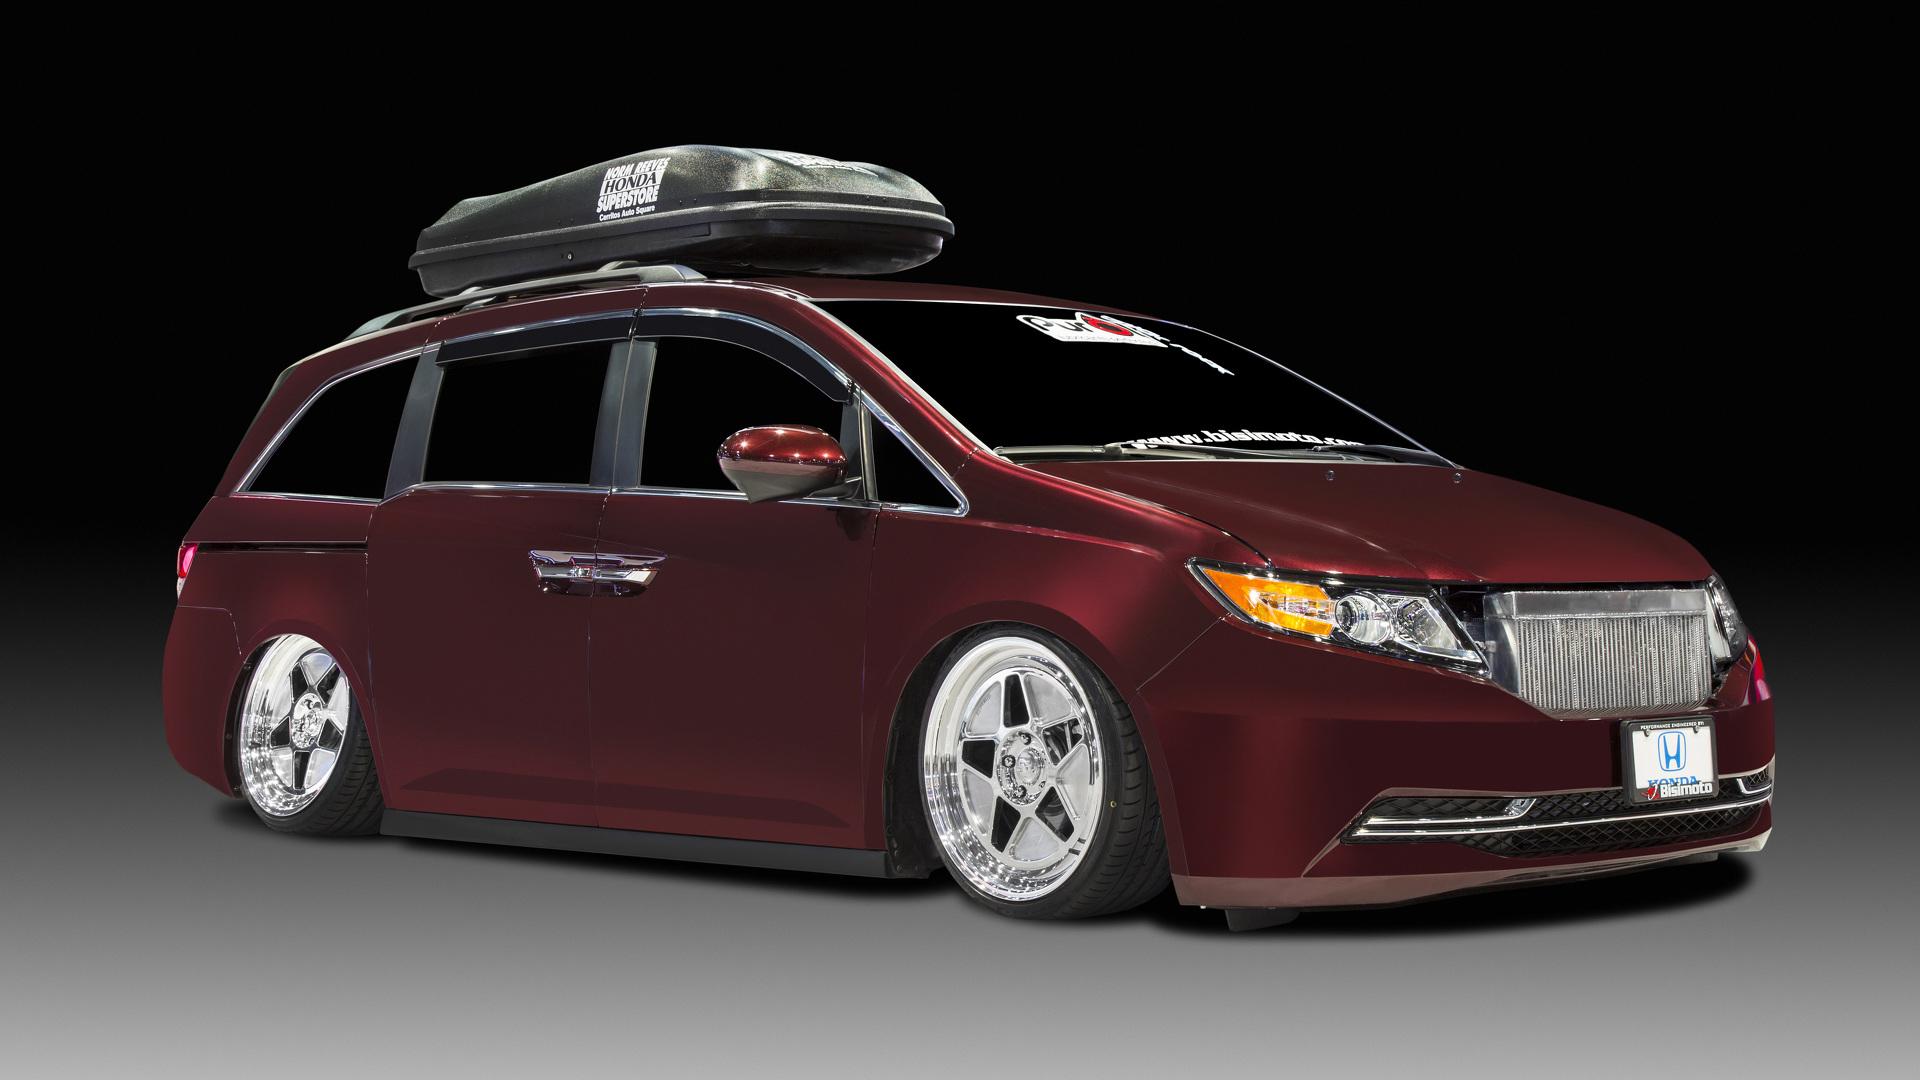 1 029 horsepower Honda Odyssey up for auction